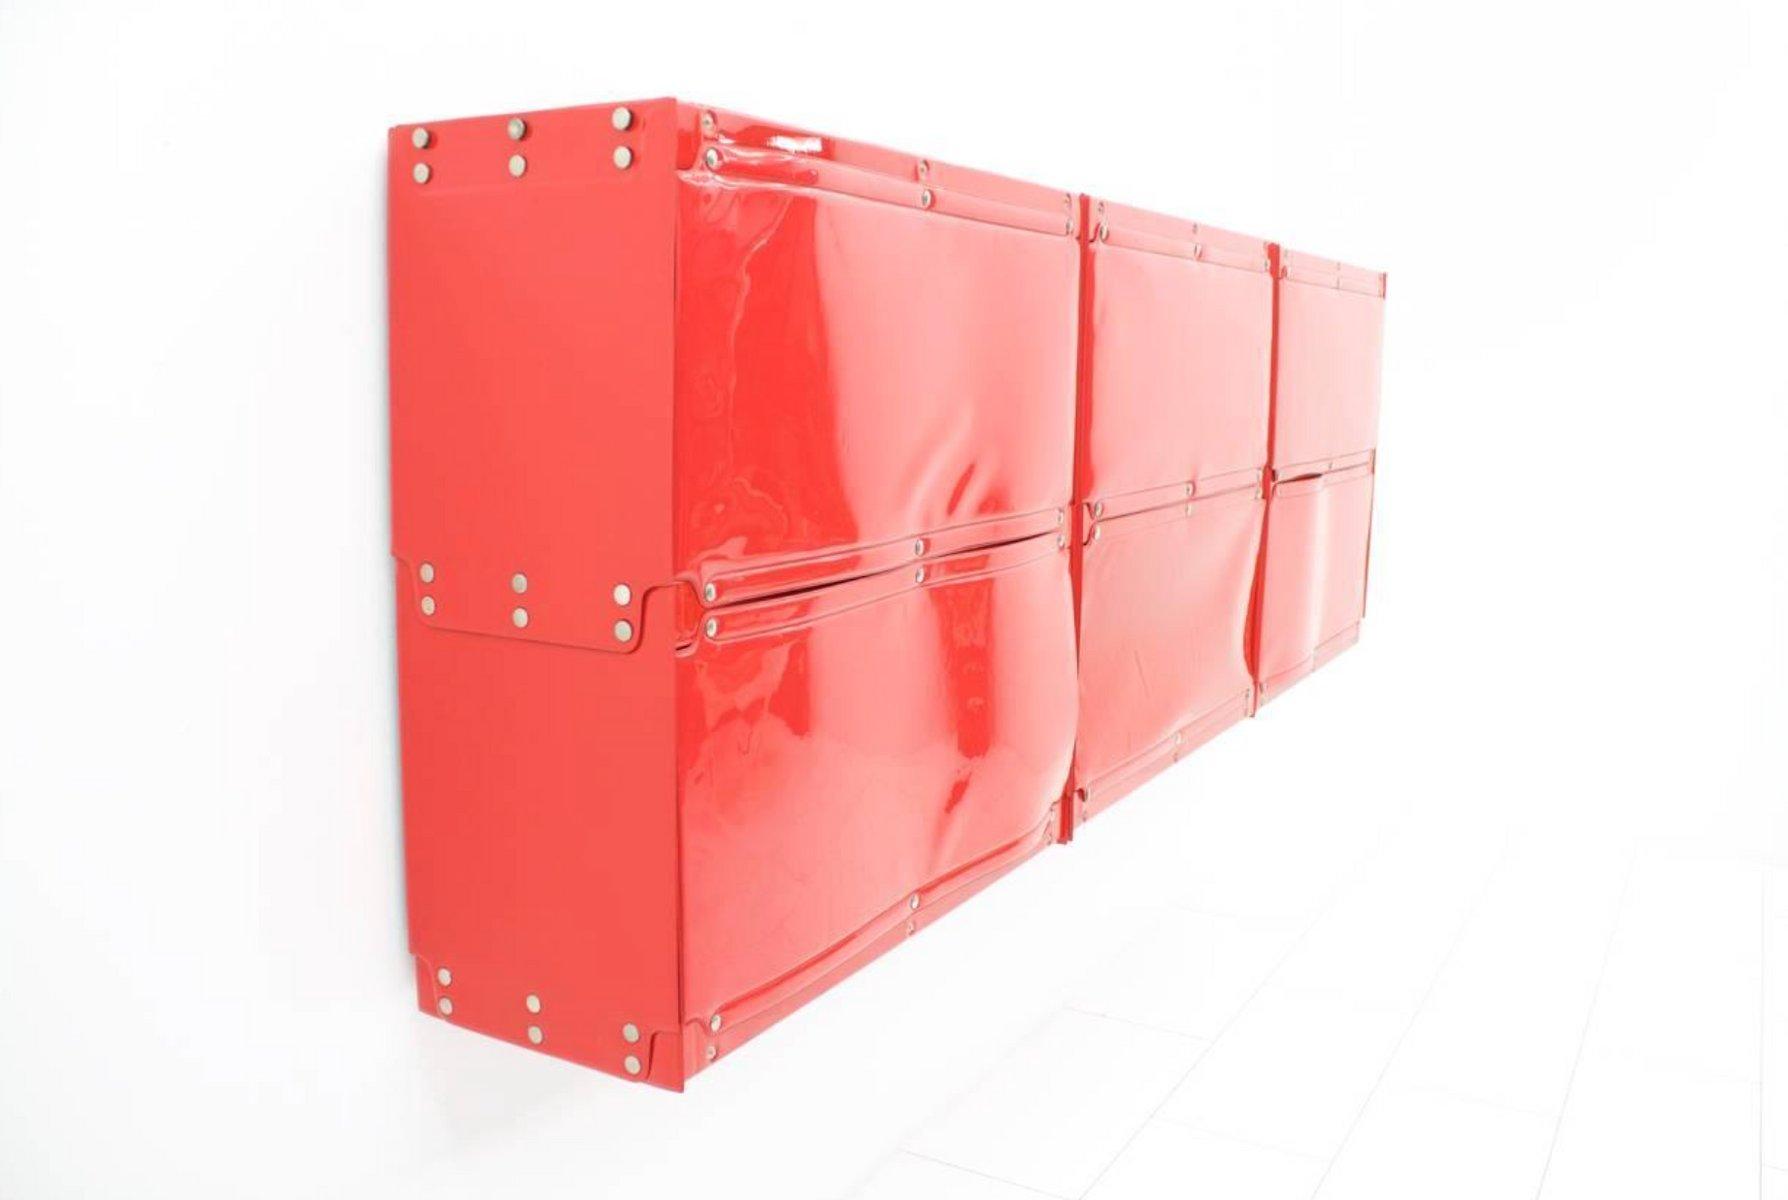 Mini Kühlschrank Otto : Vintage regal aus softline serie von otto zapf für indesign bei